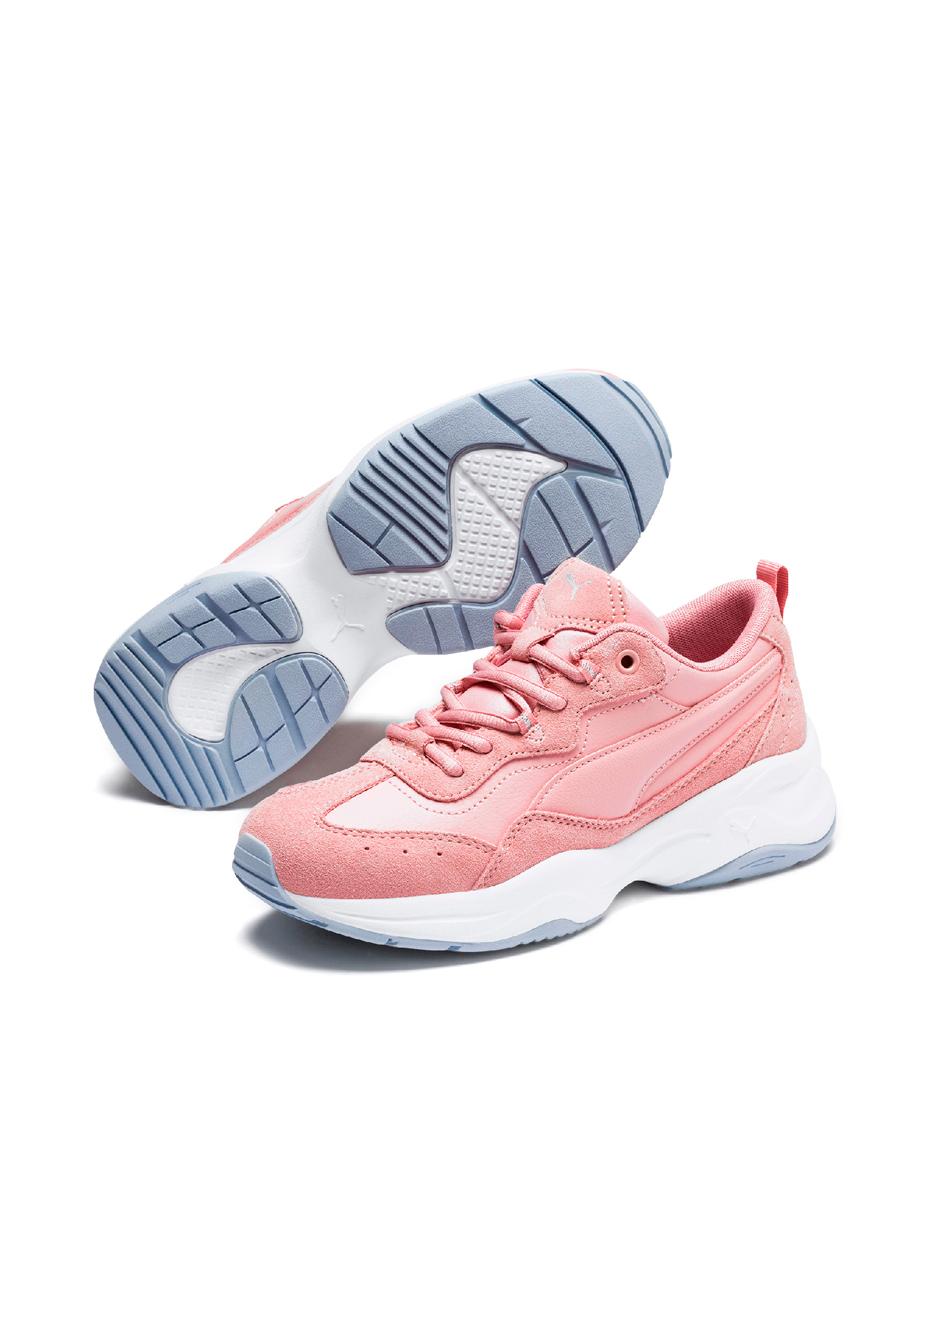 Puma - Womens Cilia Sd Sneaker - Bridal